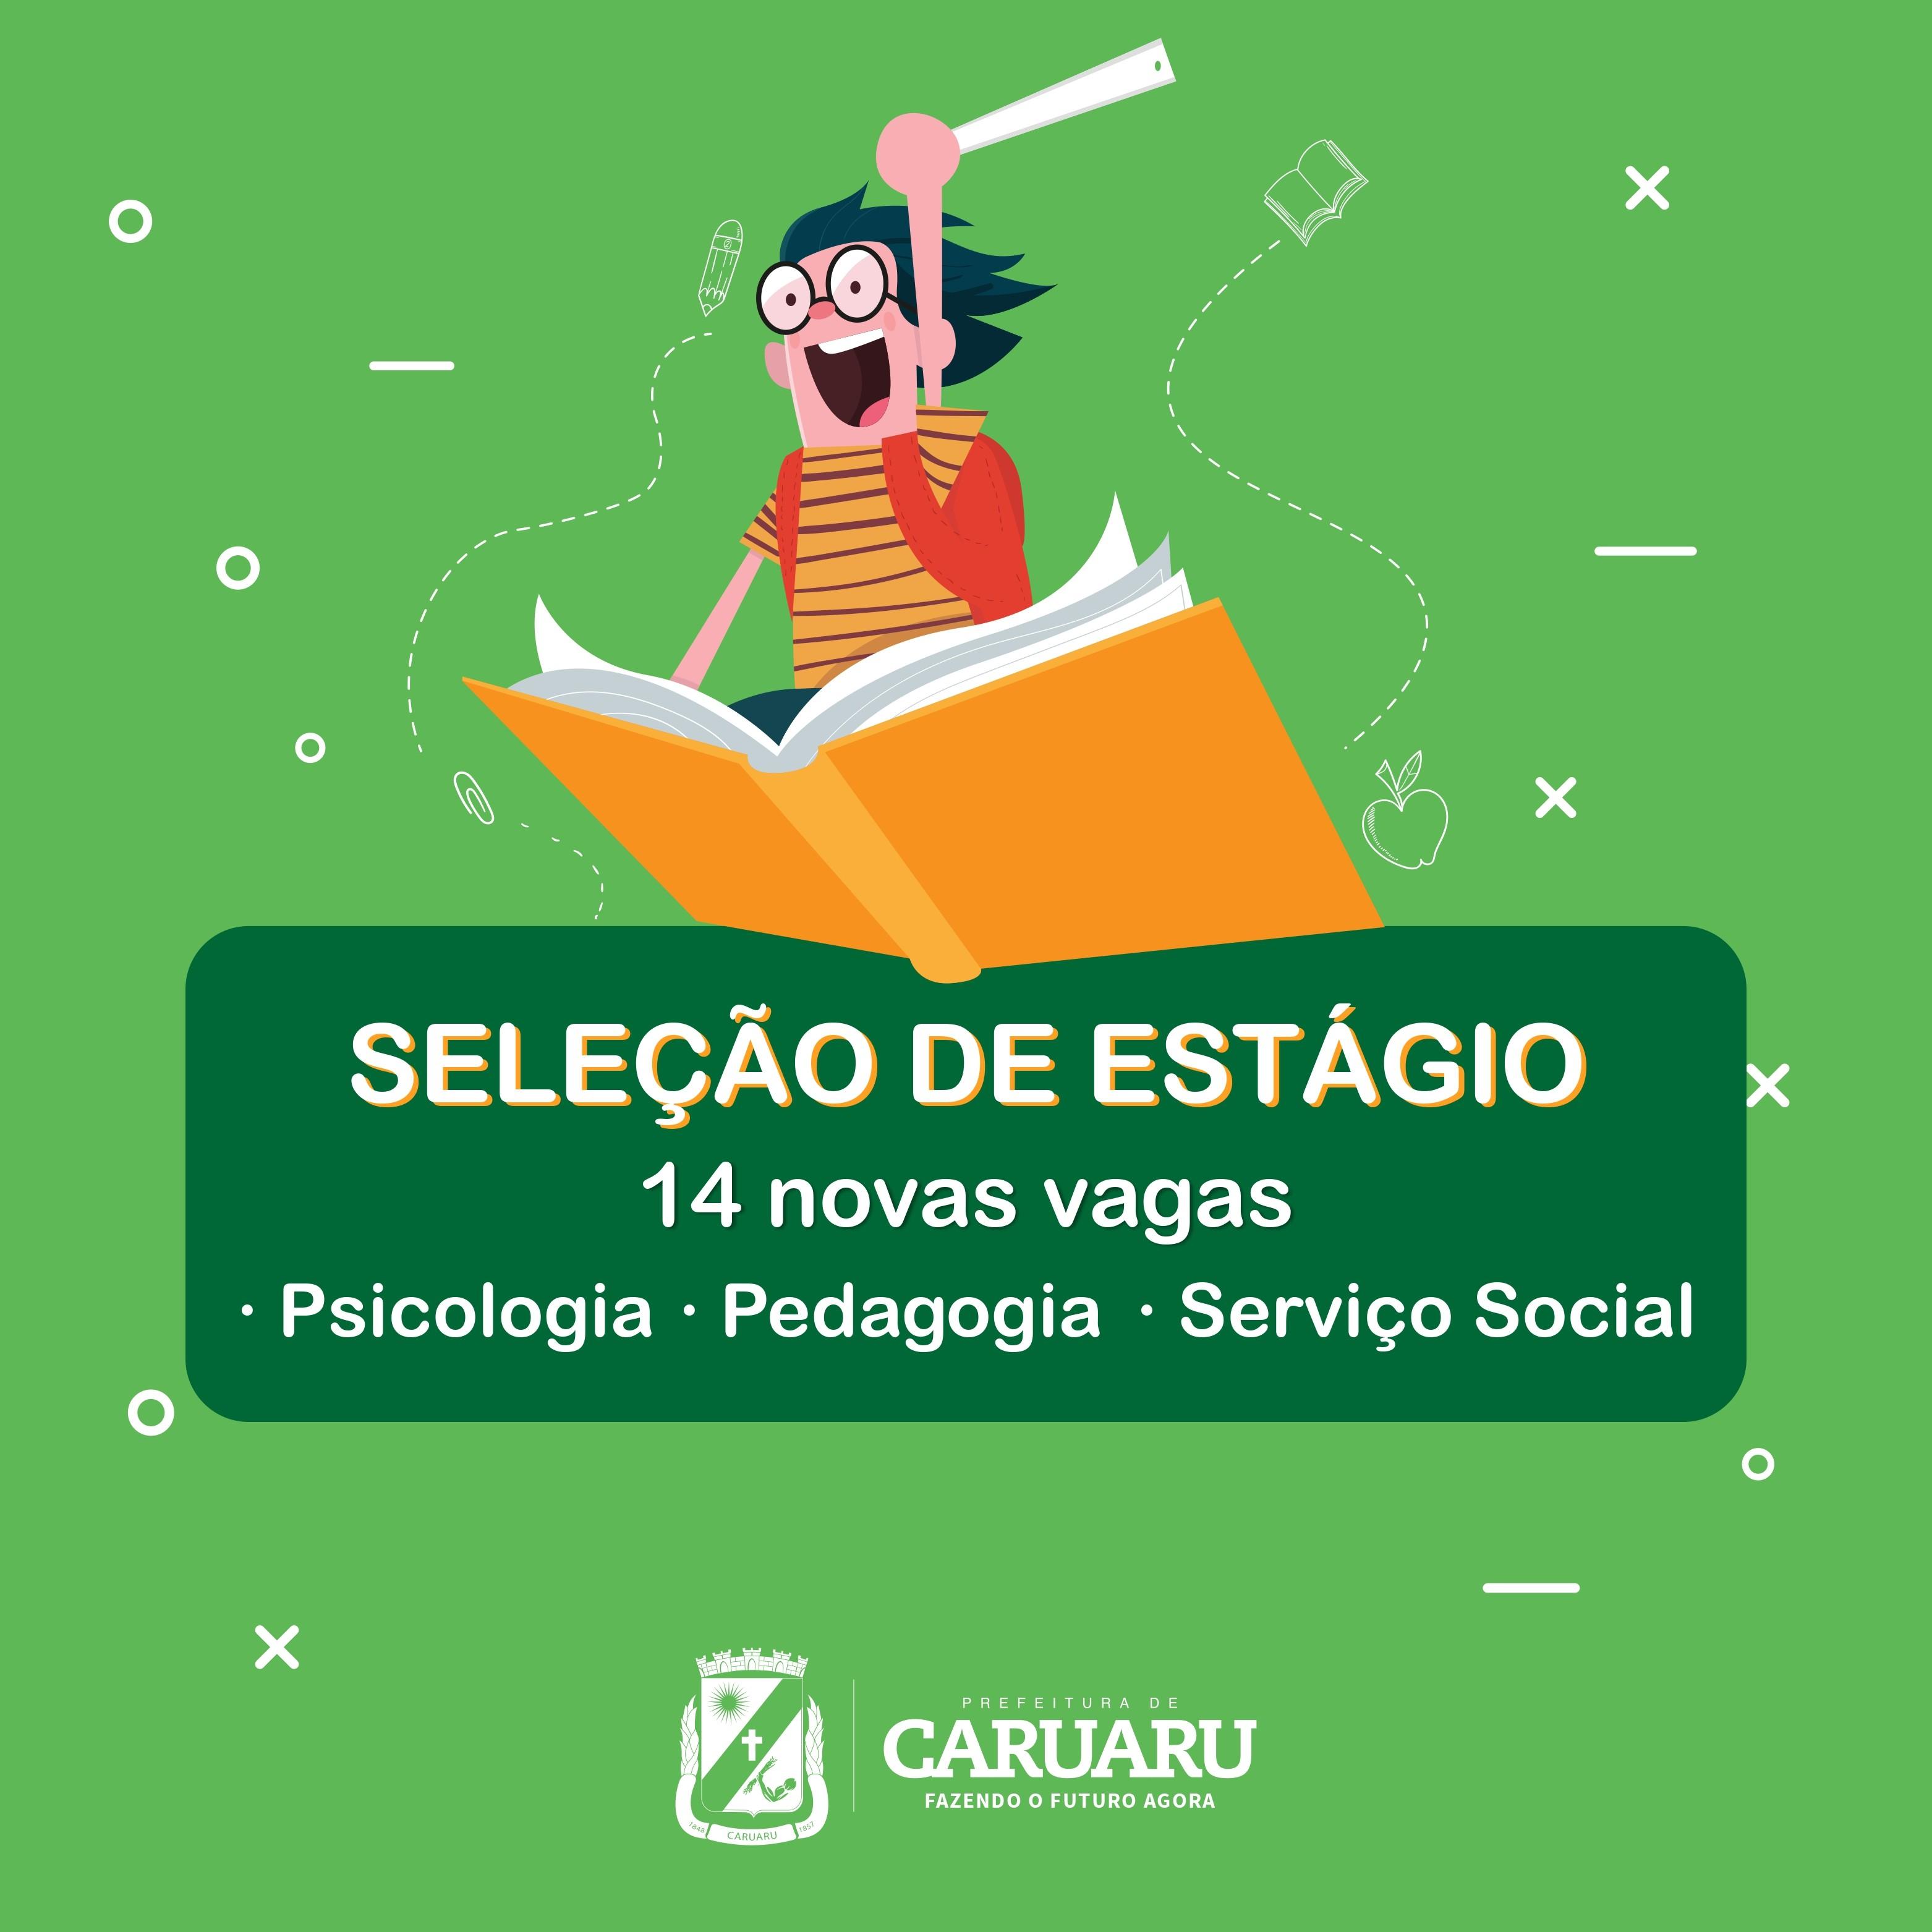 Prefeitura de Caruaru lança seleção de estágio